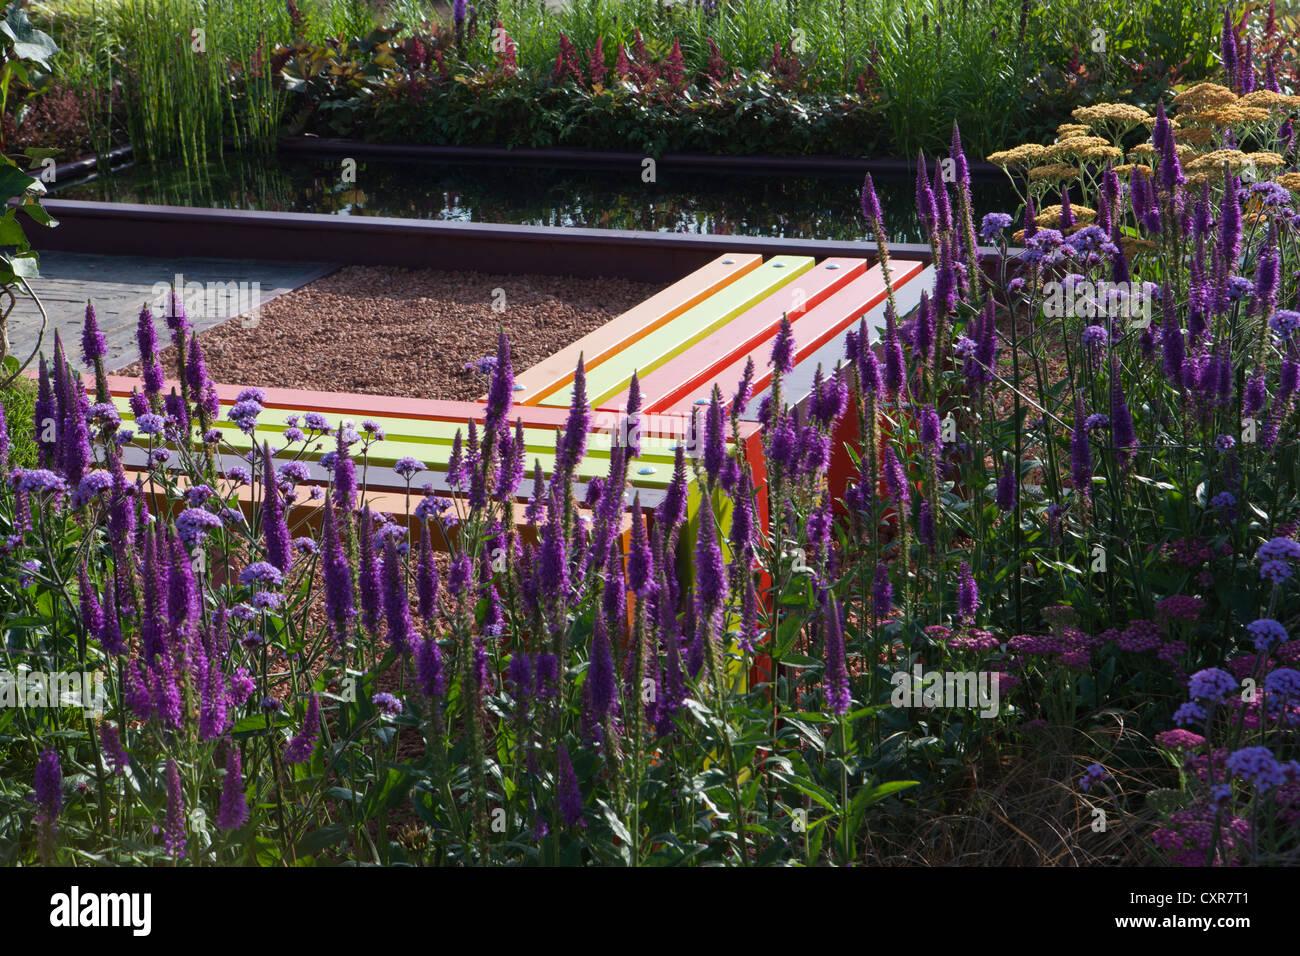 Banc de jardin moderne et colorée de l\'eau transfrontalière ...